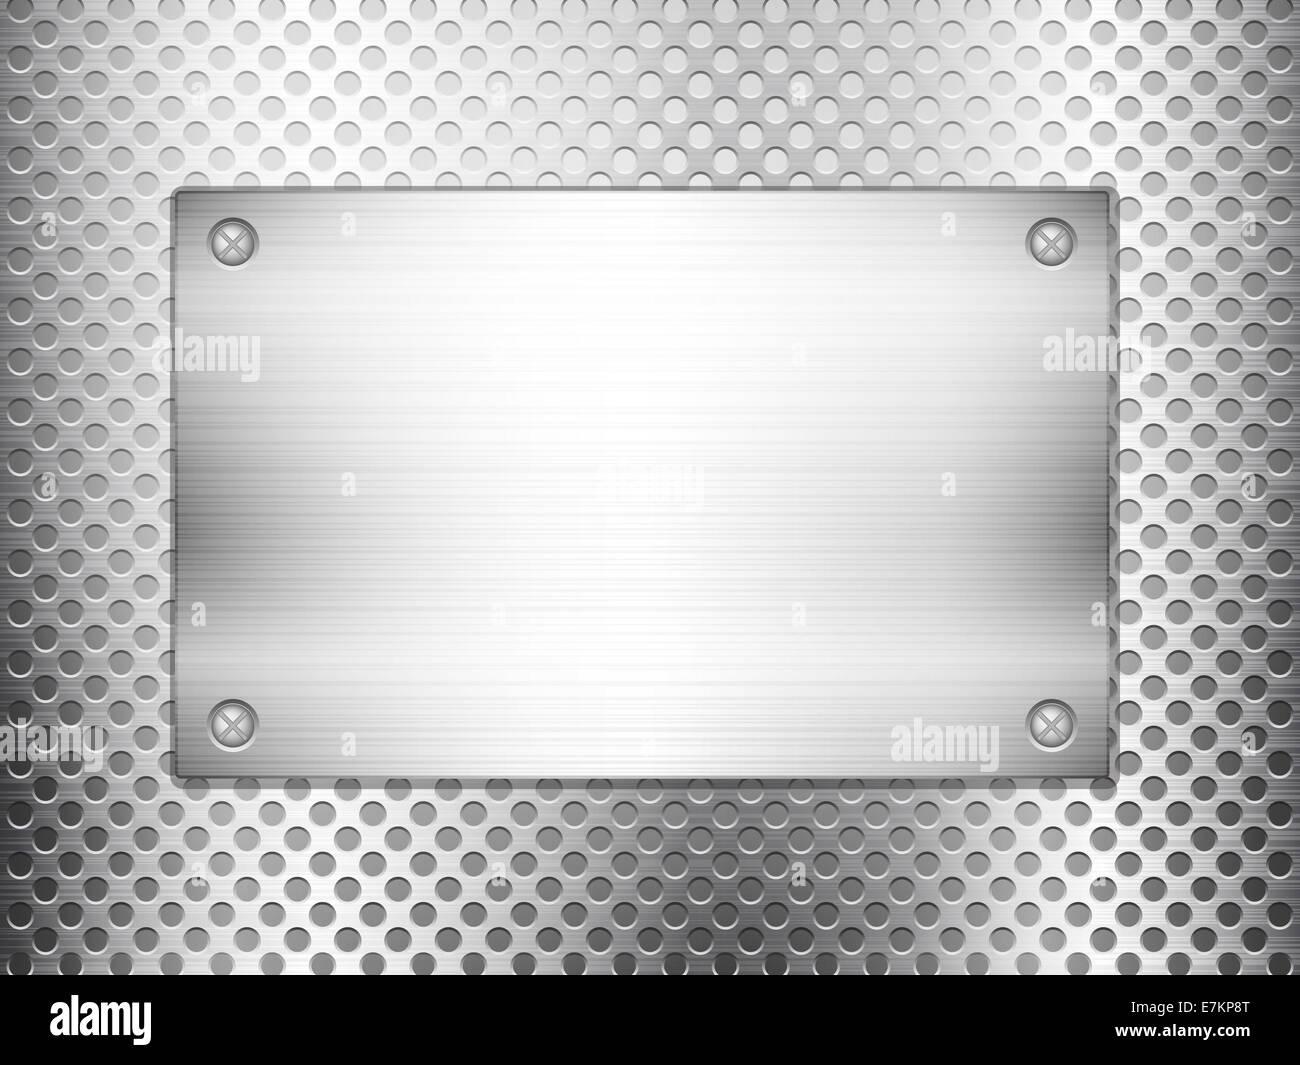 Ausgezeichnet Xhhw Aluminiumdraht Galerie - Elektrische Schaltplan ...